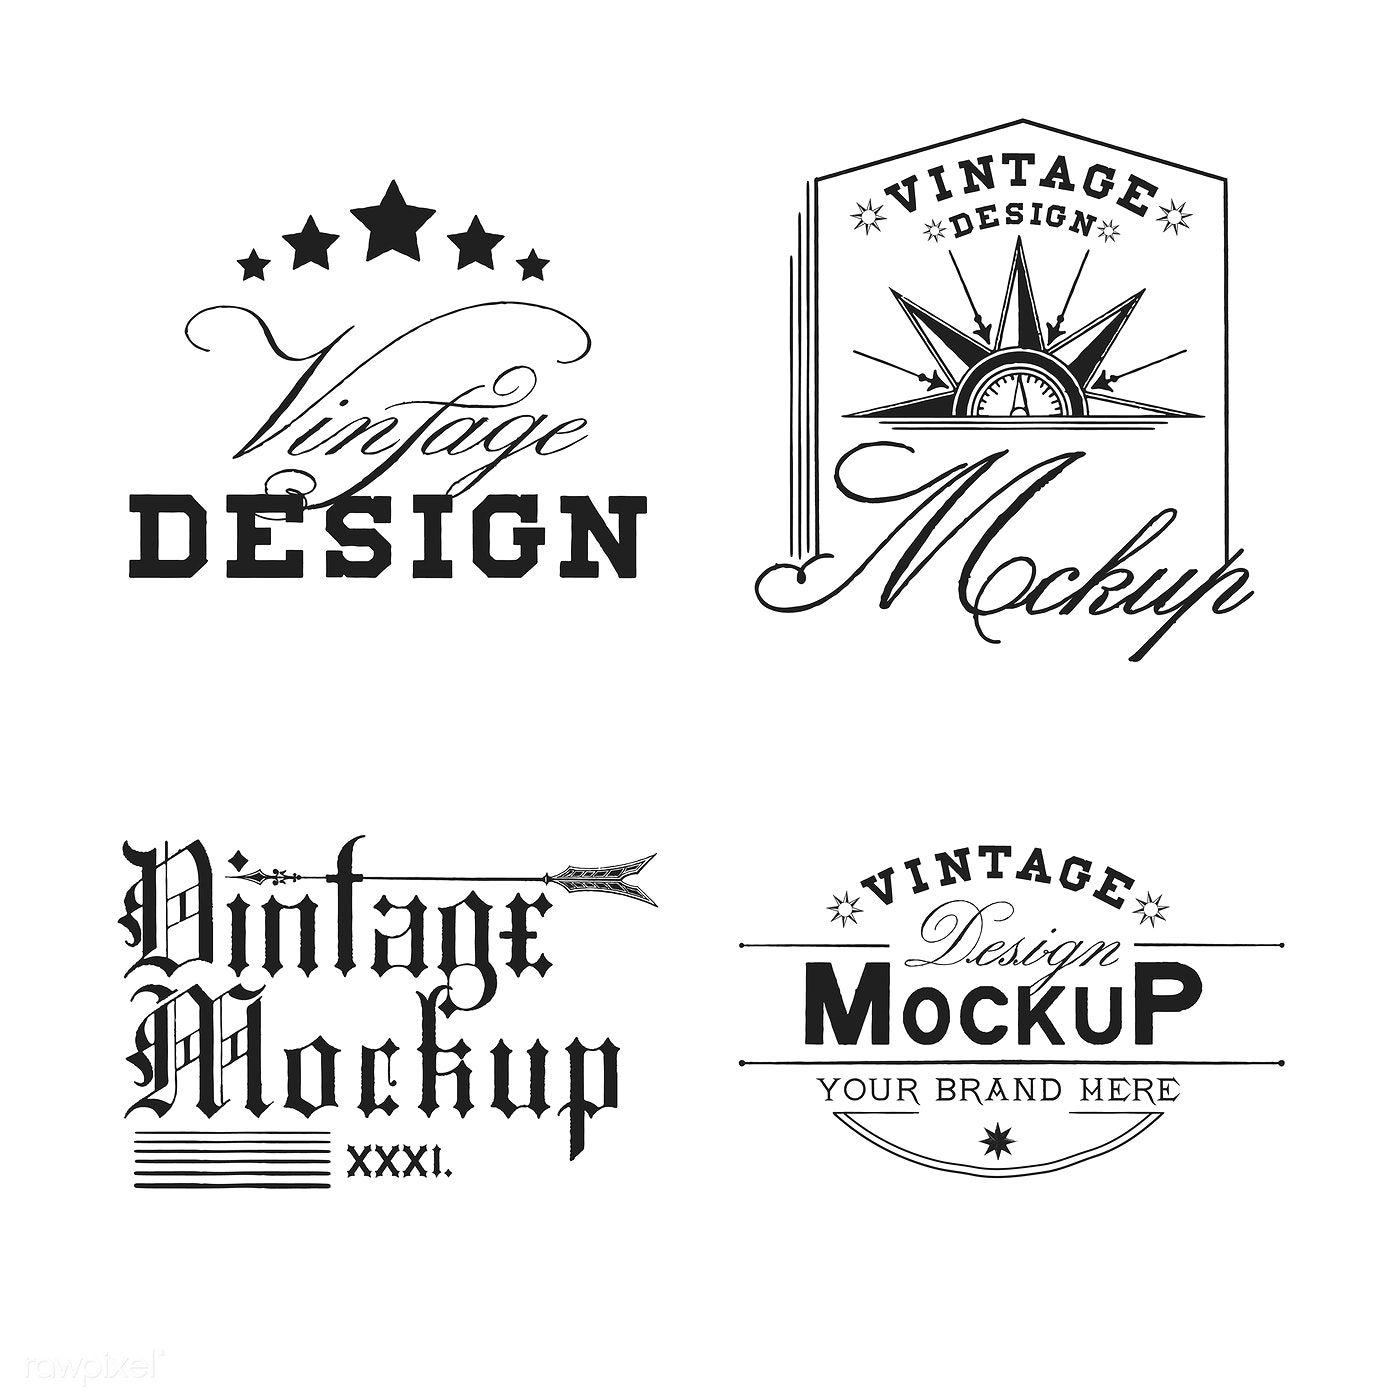 Set of vintage mockup logo design vector free image by